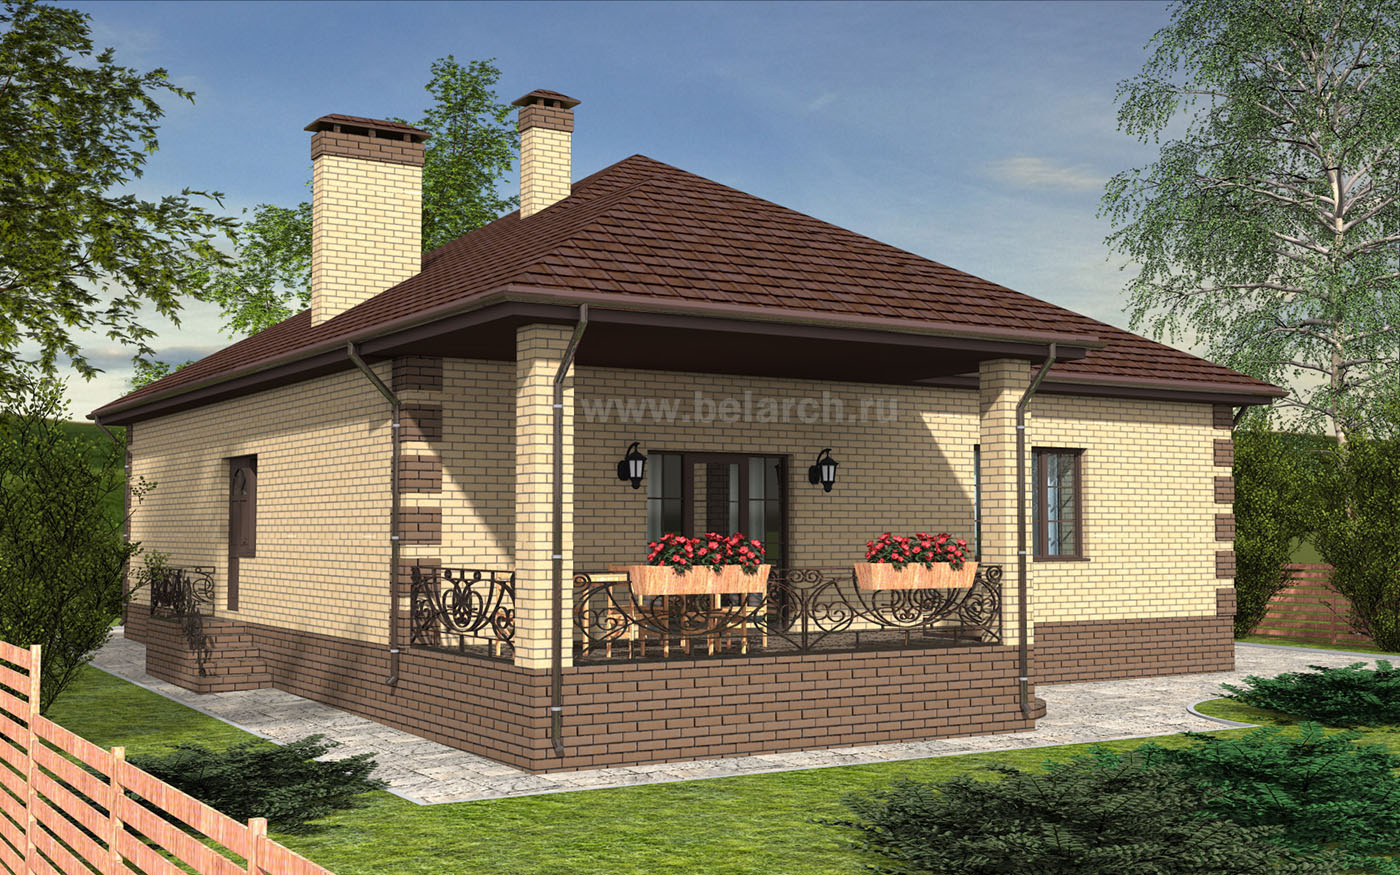 Проект небольшого одноэтажного дома - материнский капитал